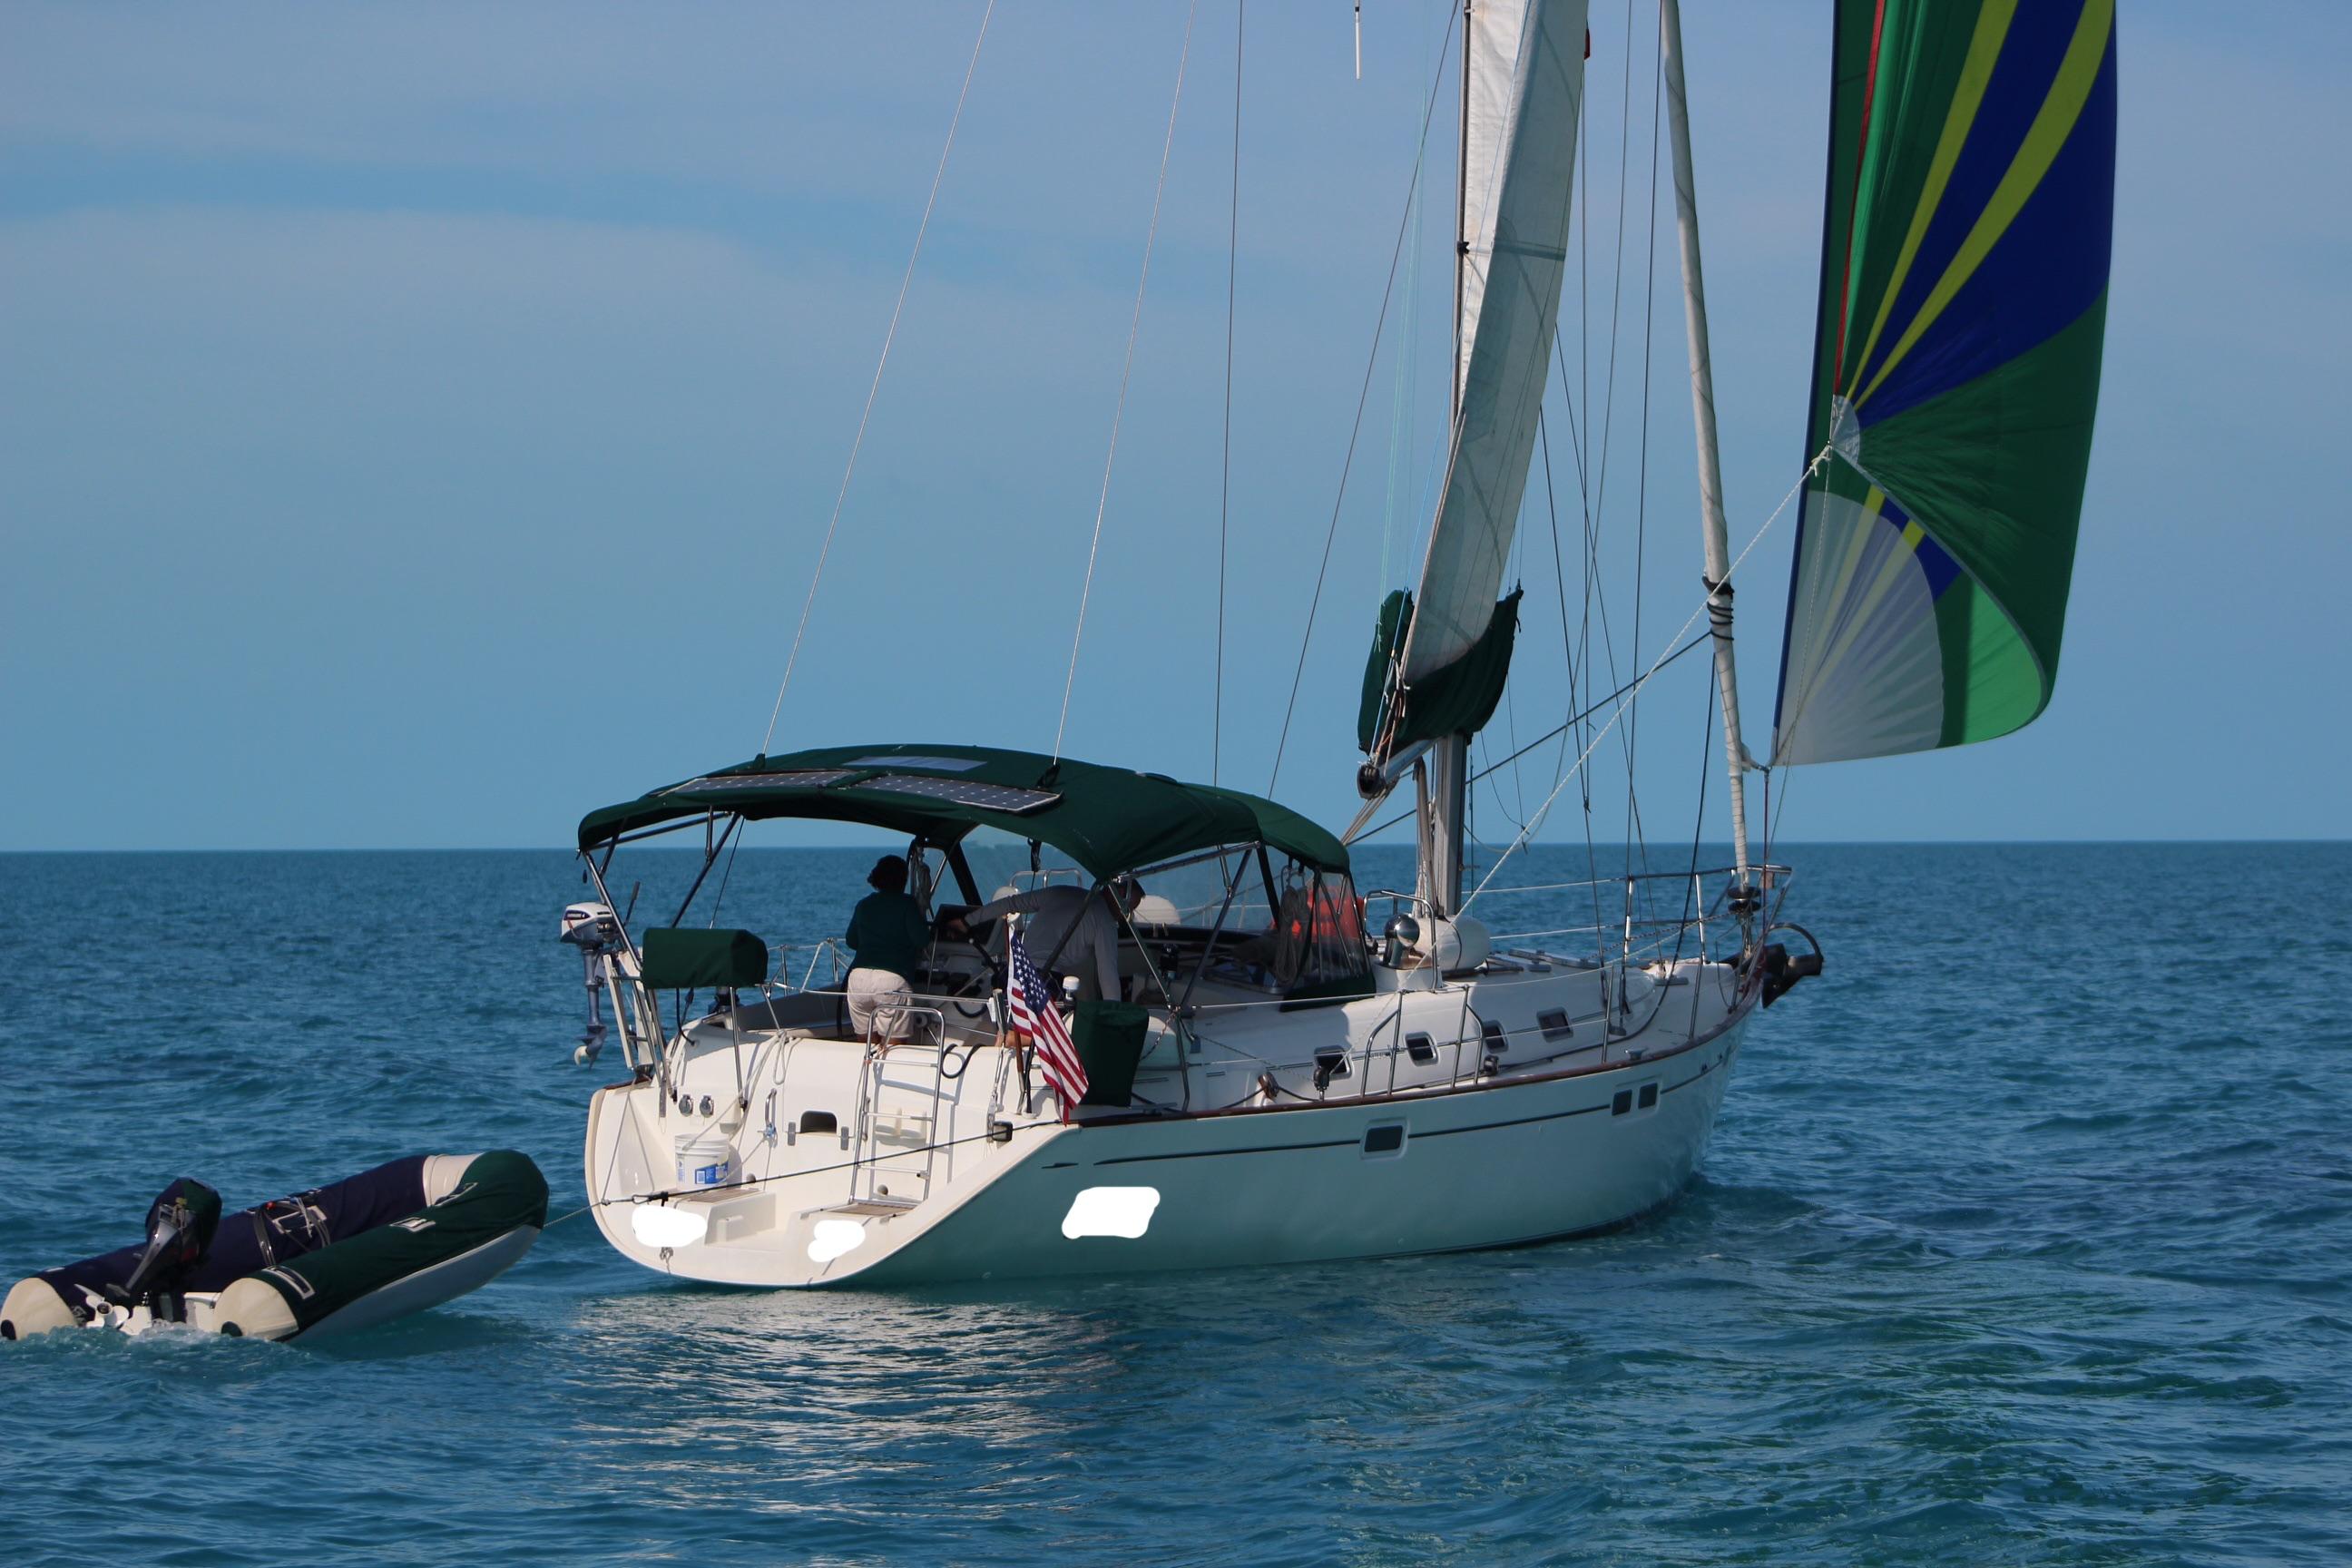 Beneteau Oceanis 461 - 1998 Beneteau Oceanis 461under sail